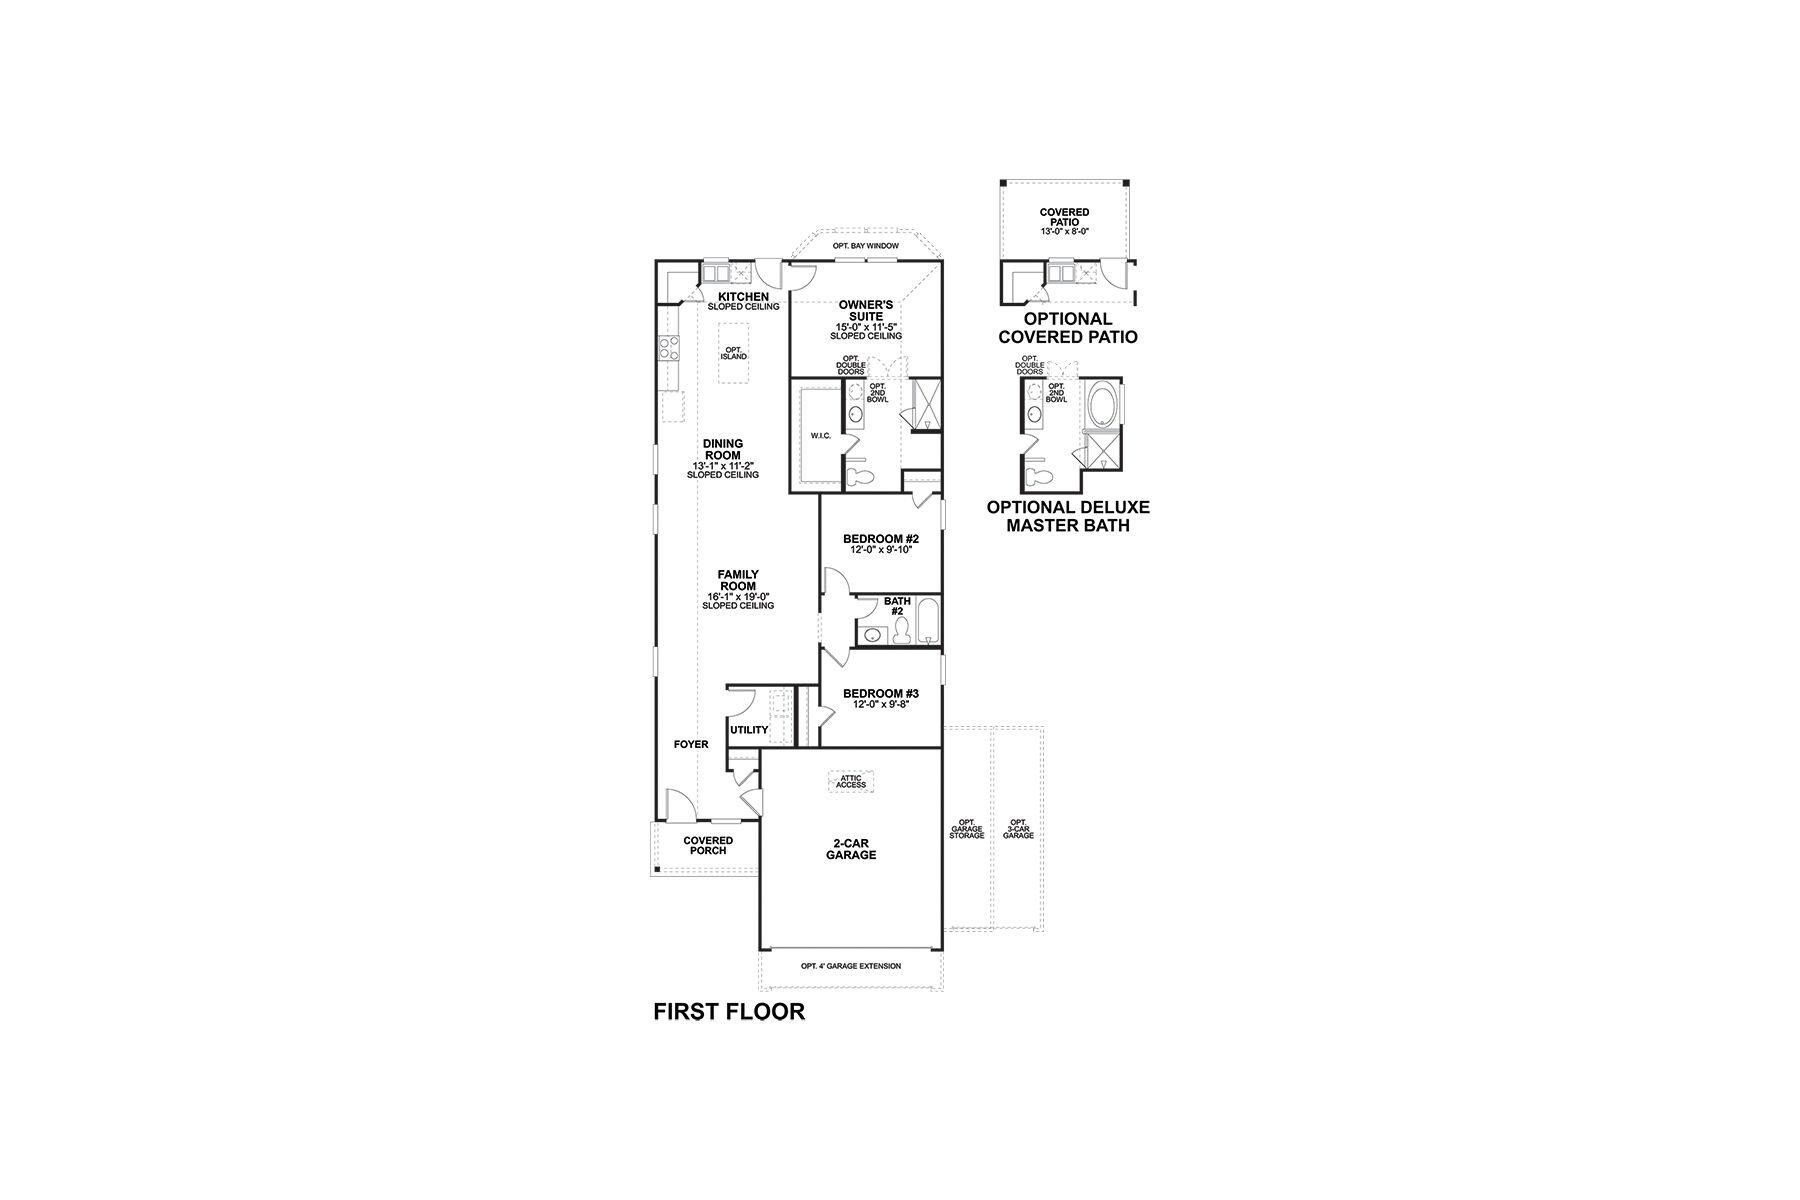 Magnolia First Floor